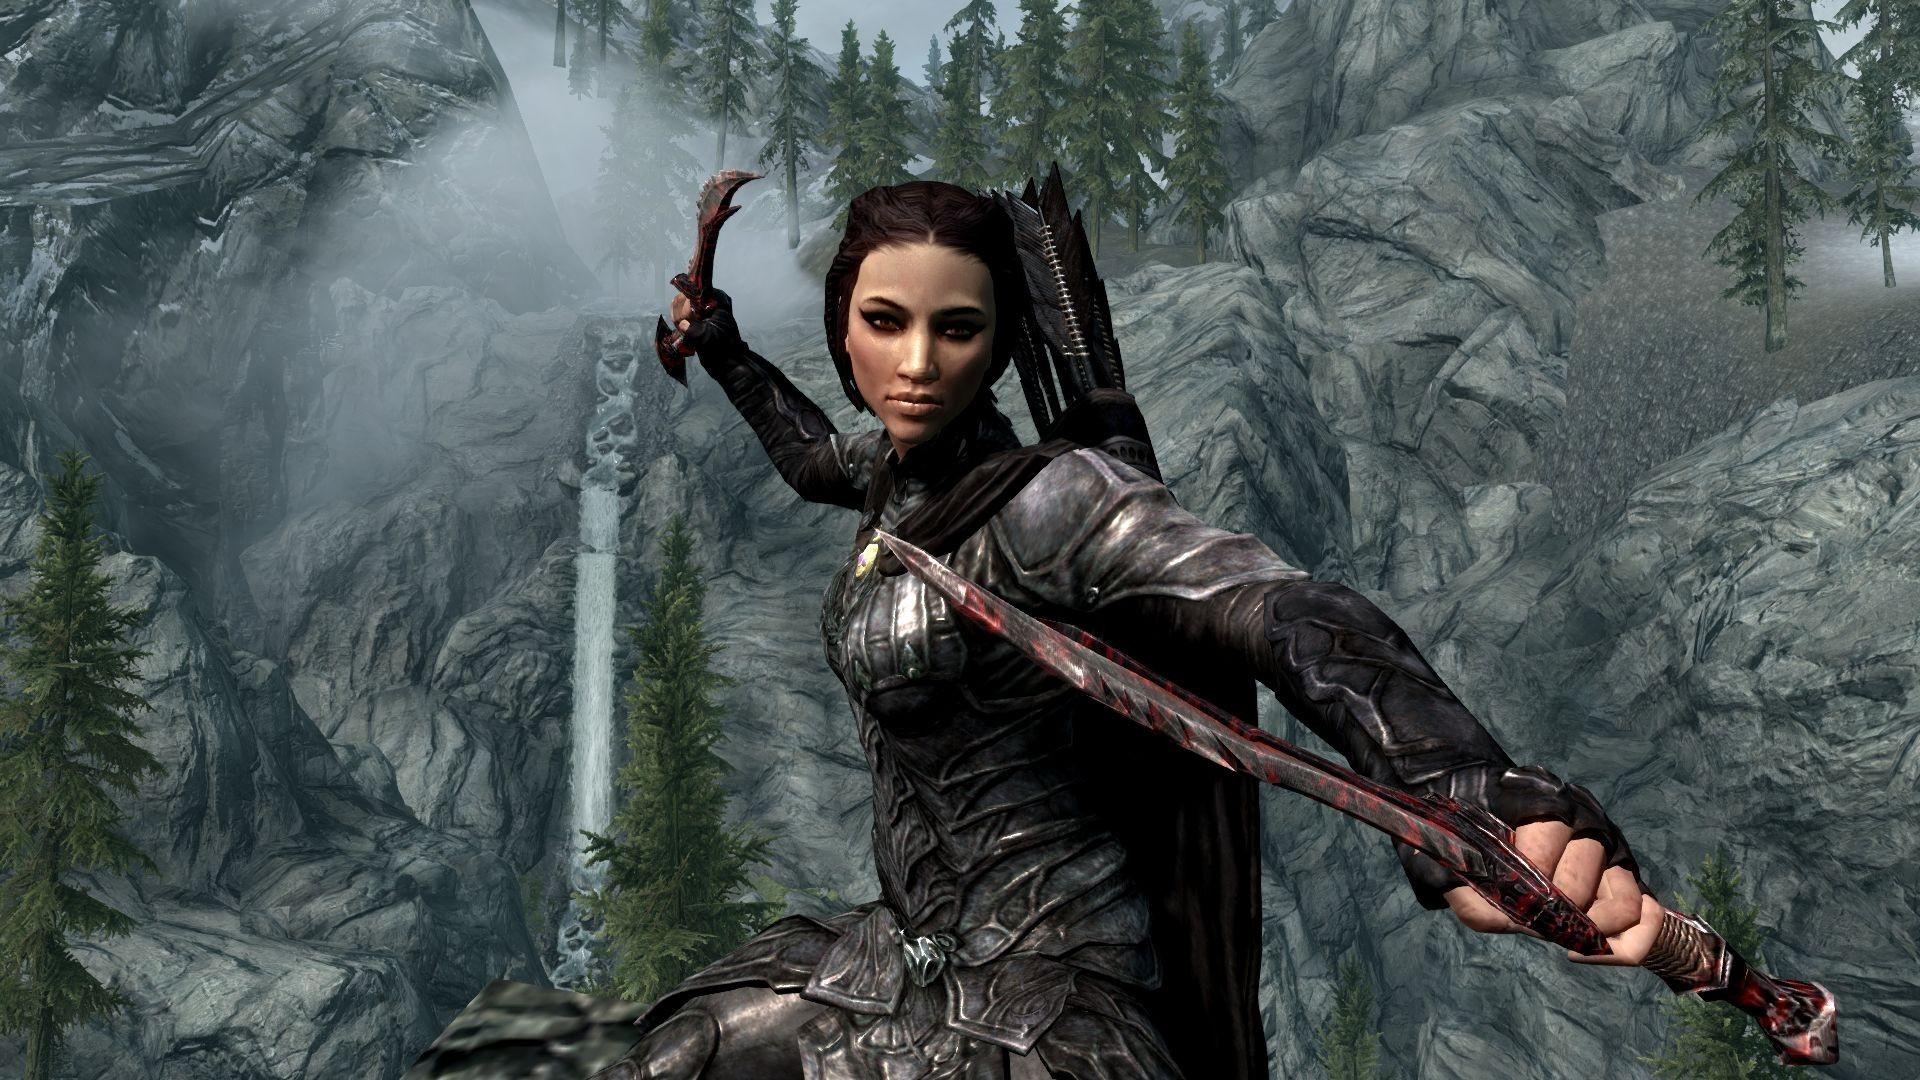 Female Elf Warriors   Papel de Parede de The Elder Scrolls V: Skyrim,  mostrando